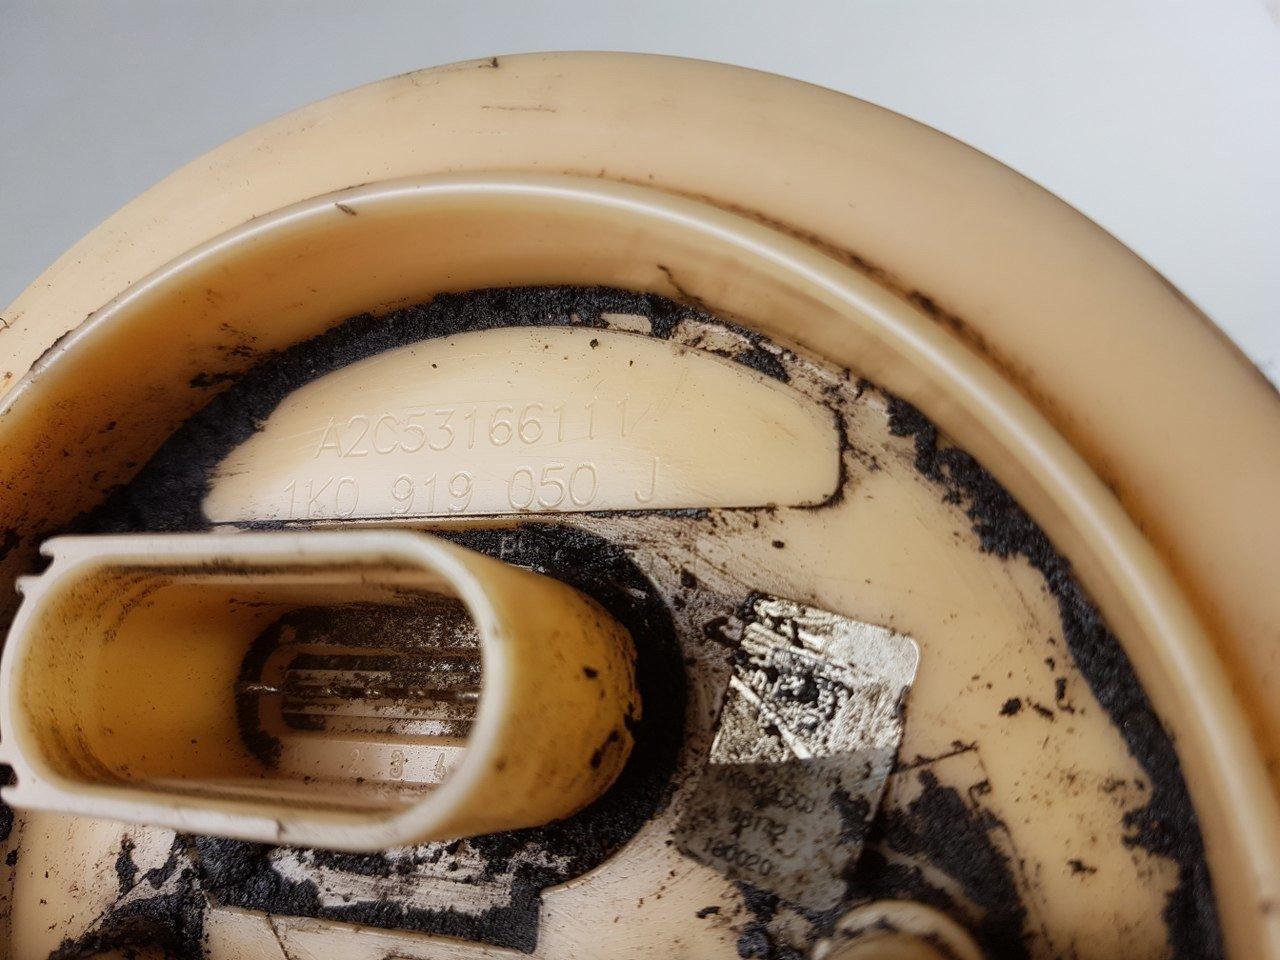 Skoda Octavia Lampen : Kraftstoffpumpe skoda octavia ii k j tdi